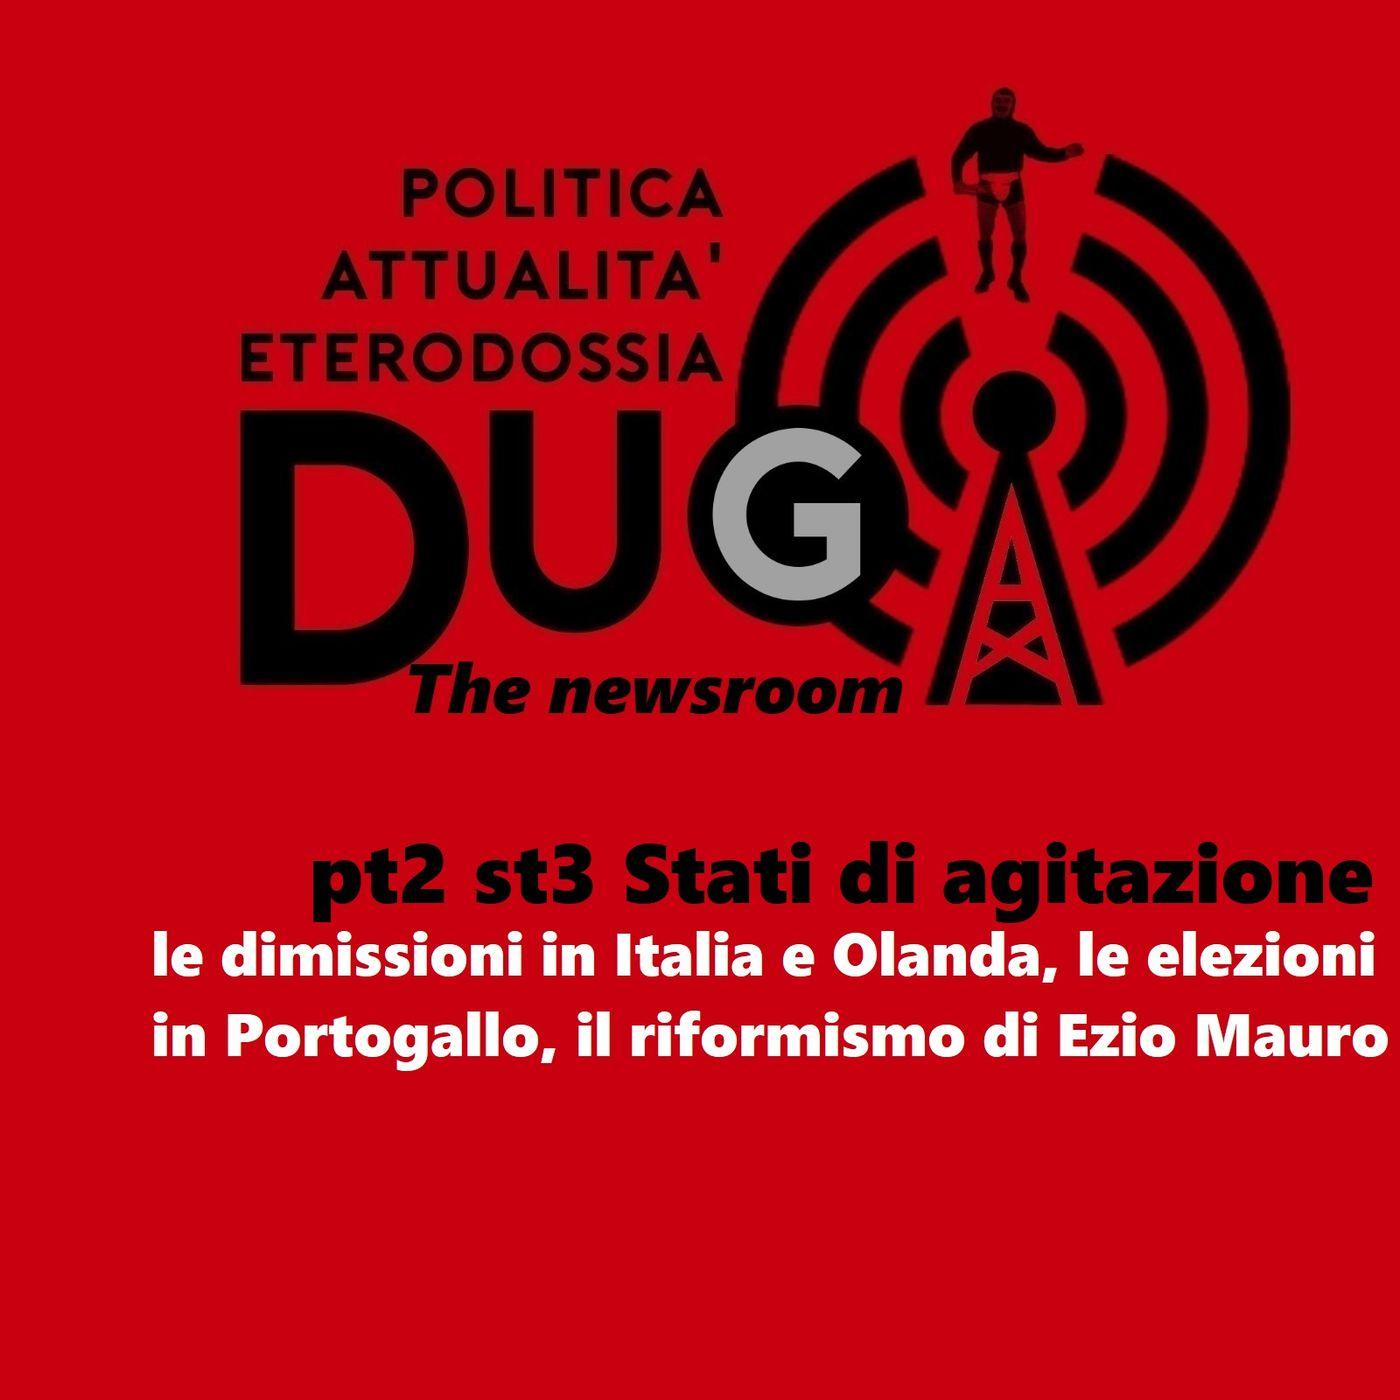 pt2 st3 Stati di agitazione. le dimissioni in Italia e Olanda, le elezioni in Portogallo, il riformismo di Ezio Mauro